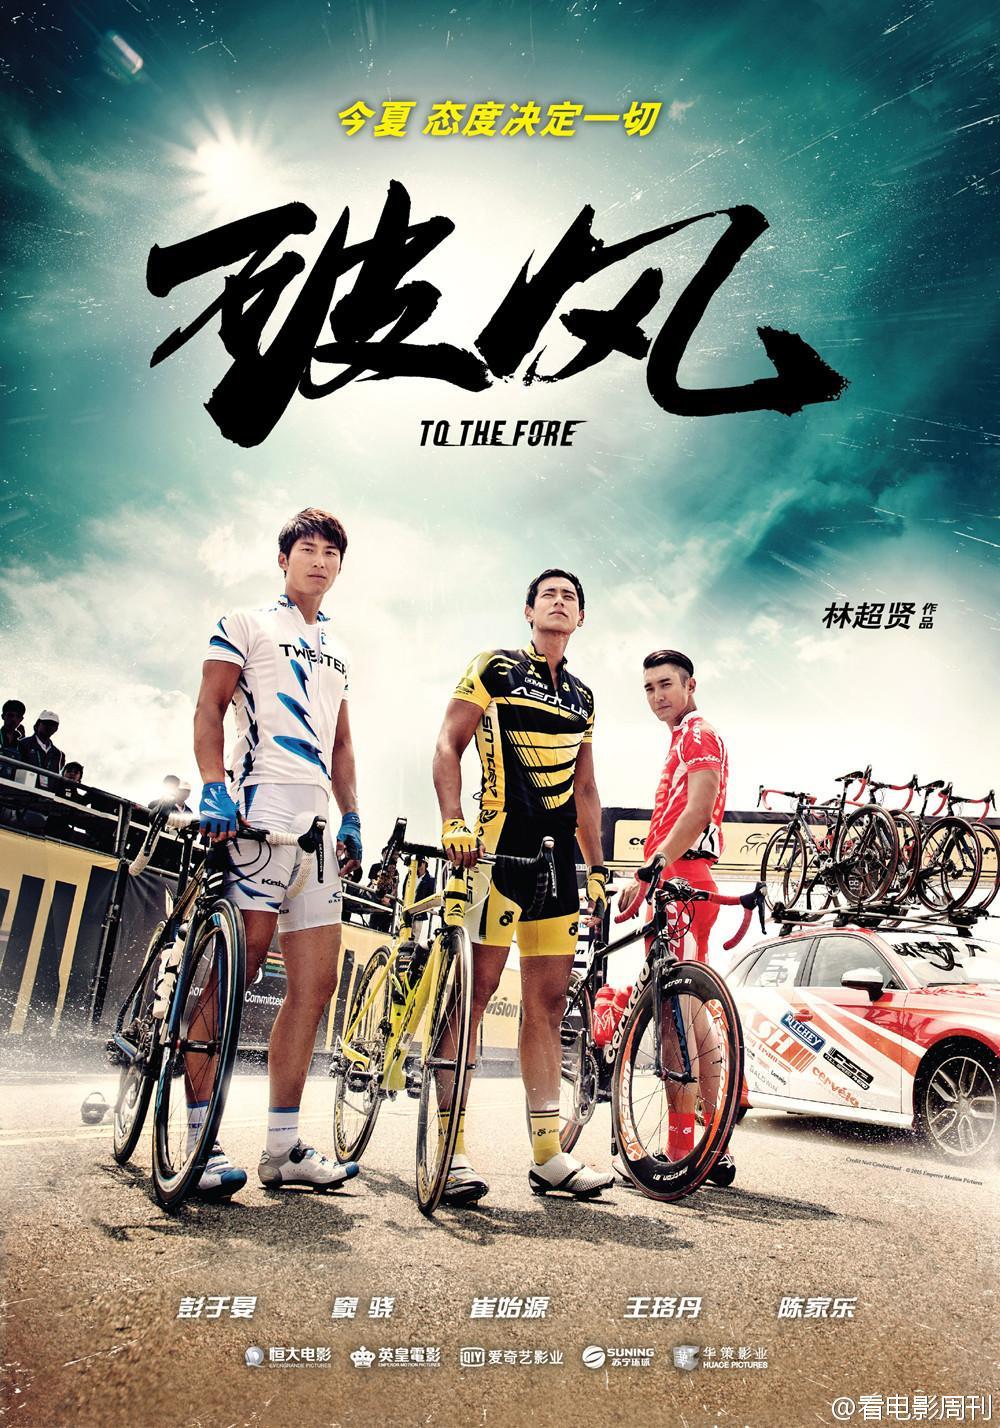 电影《破风》定档8月7日,发布最新海报预告.